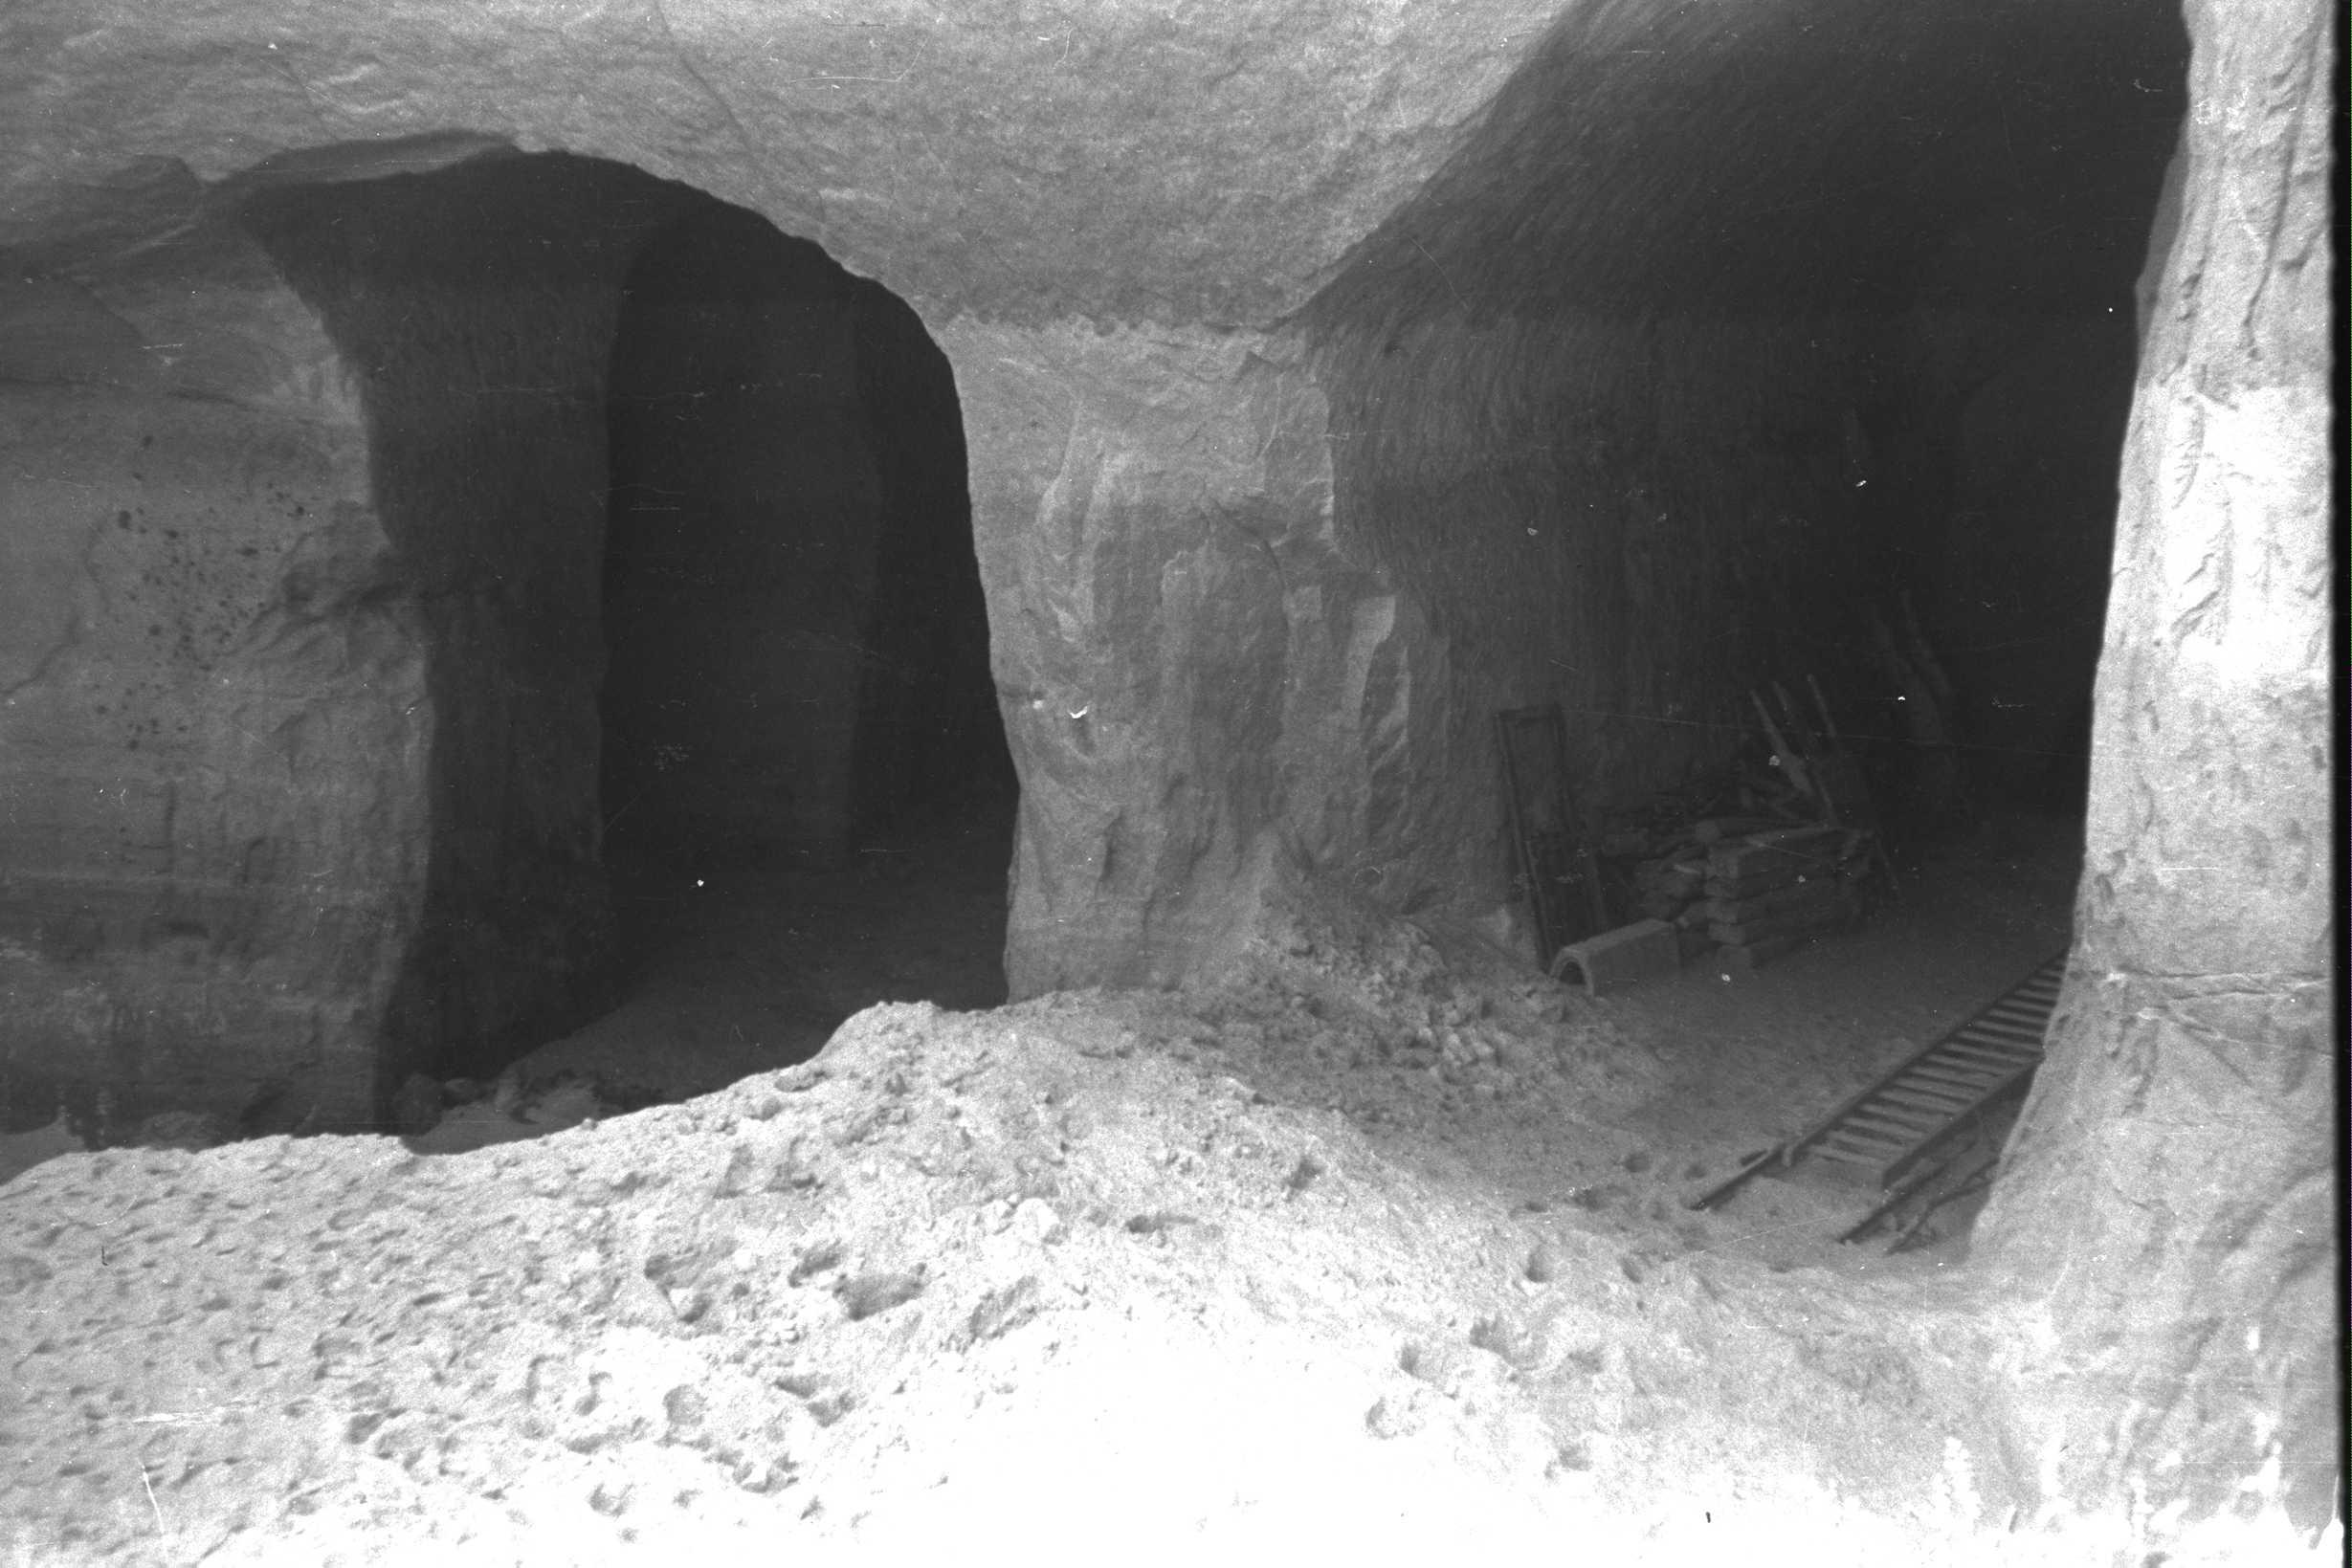 Entrades dels túnels de St. Georgen a Gusen, on hi havia instal·lades fàbriques subterrànies